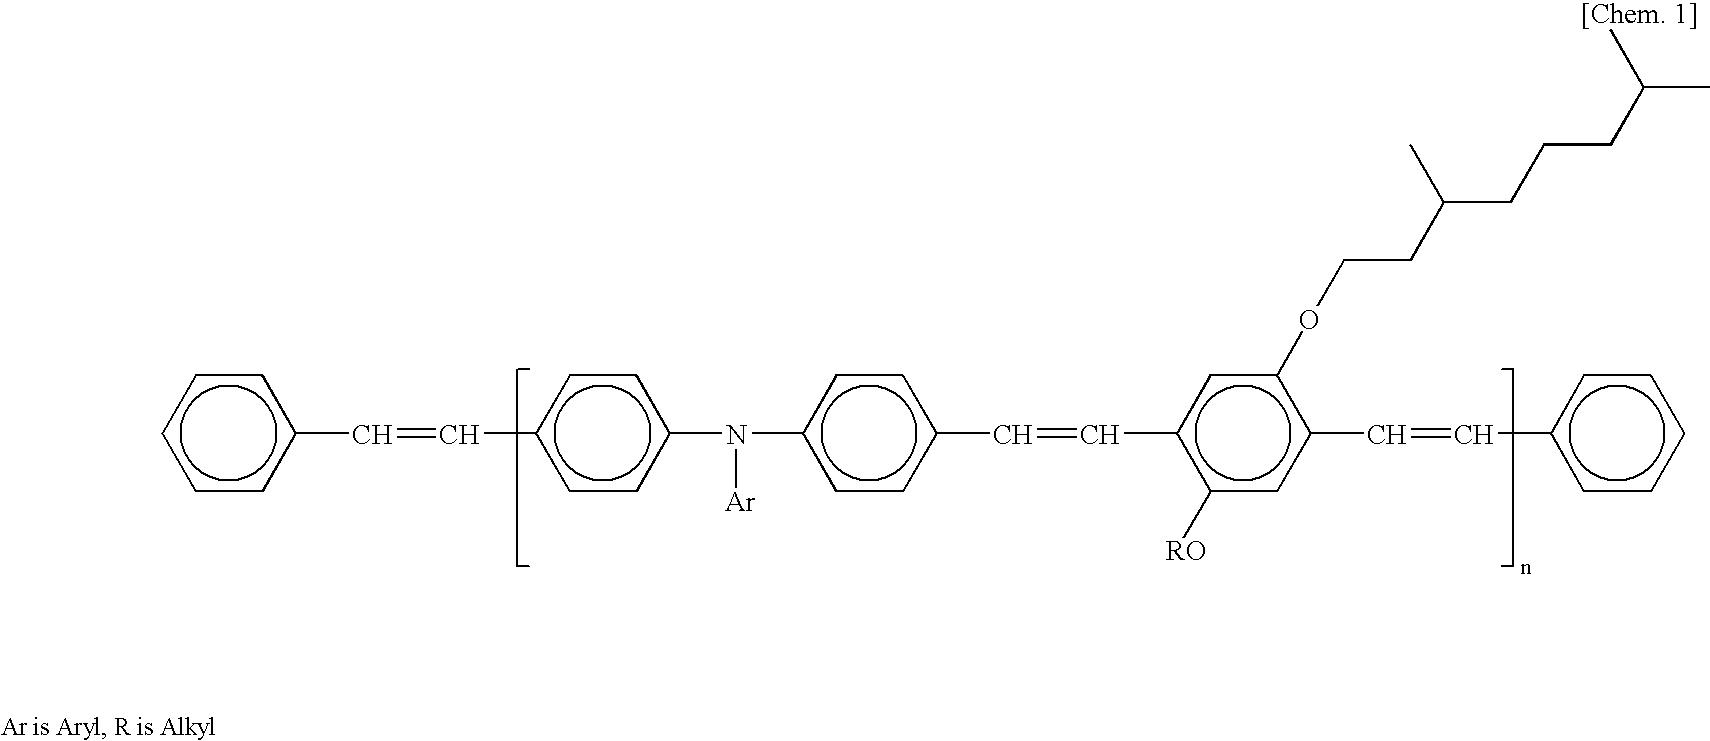 Figure US20070054212A1-20070308-C00001